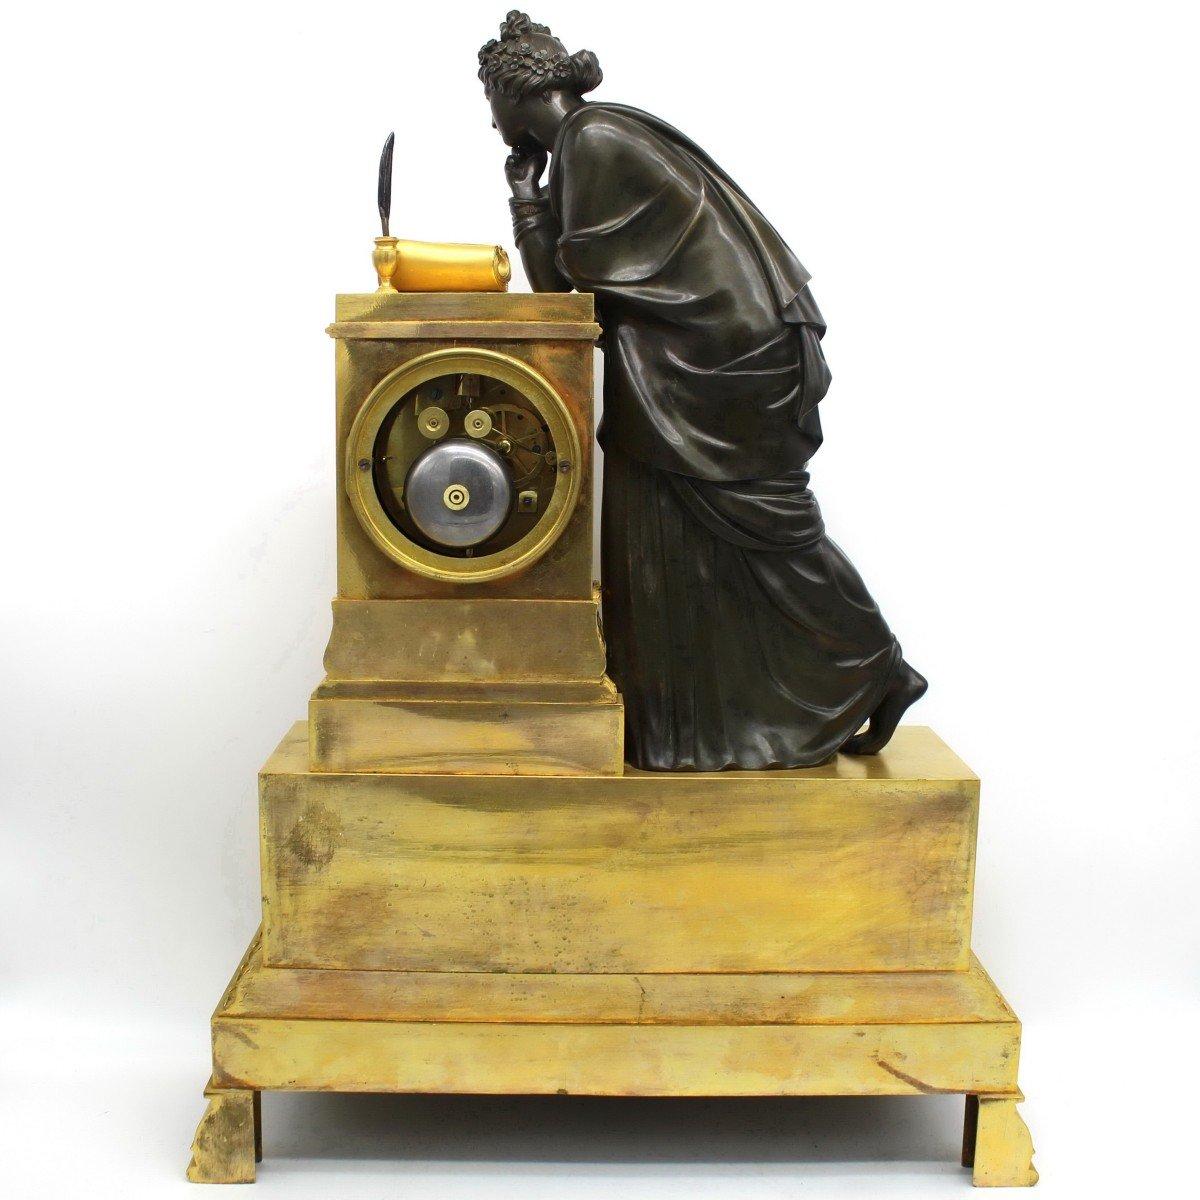 Ancien Horloge Pendule d'époque Empire en bronze dorè (H.61) - 19ème -photo-8